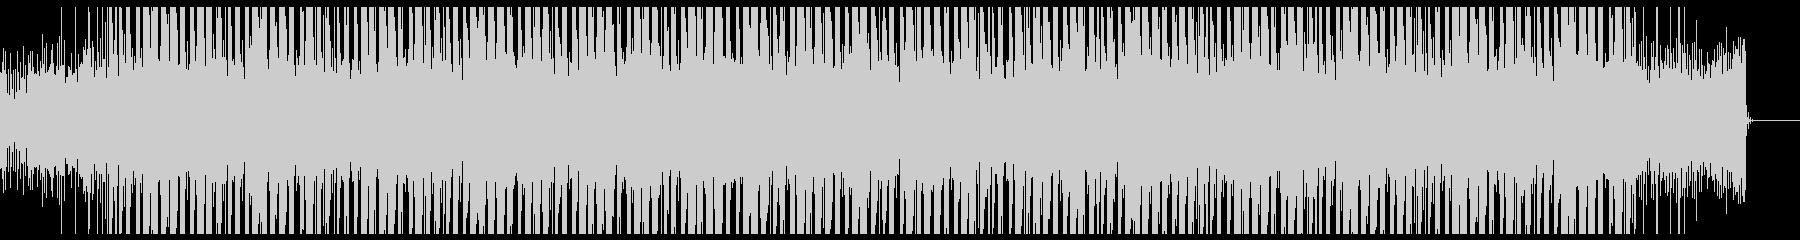 チル系HipHopの未再生の波形